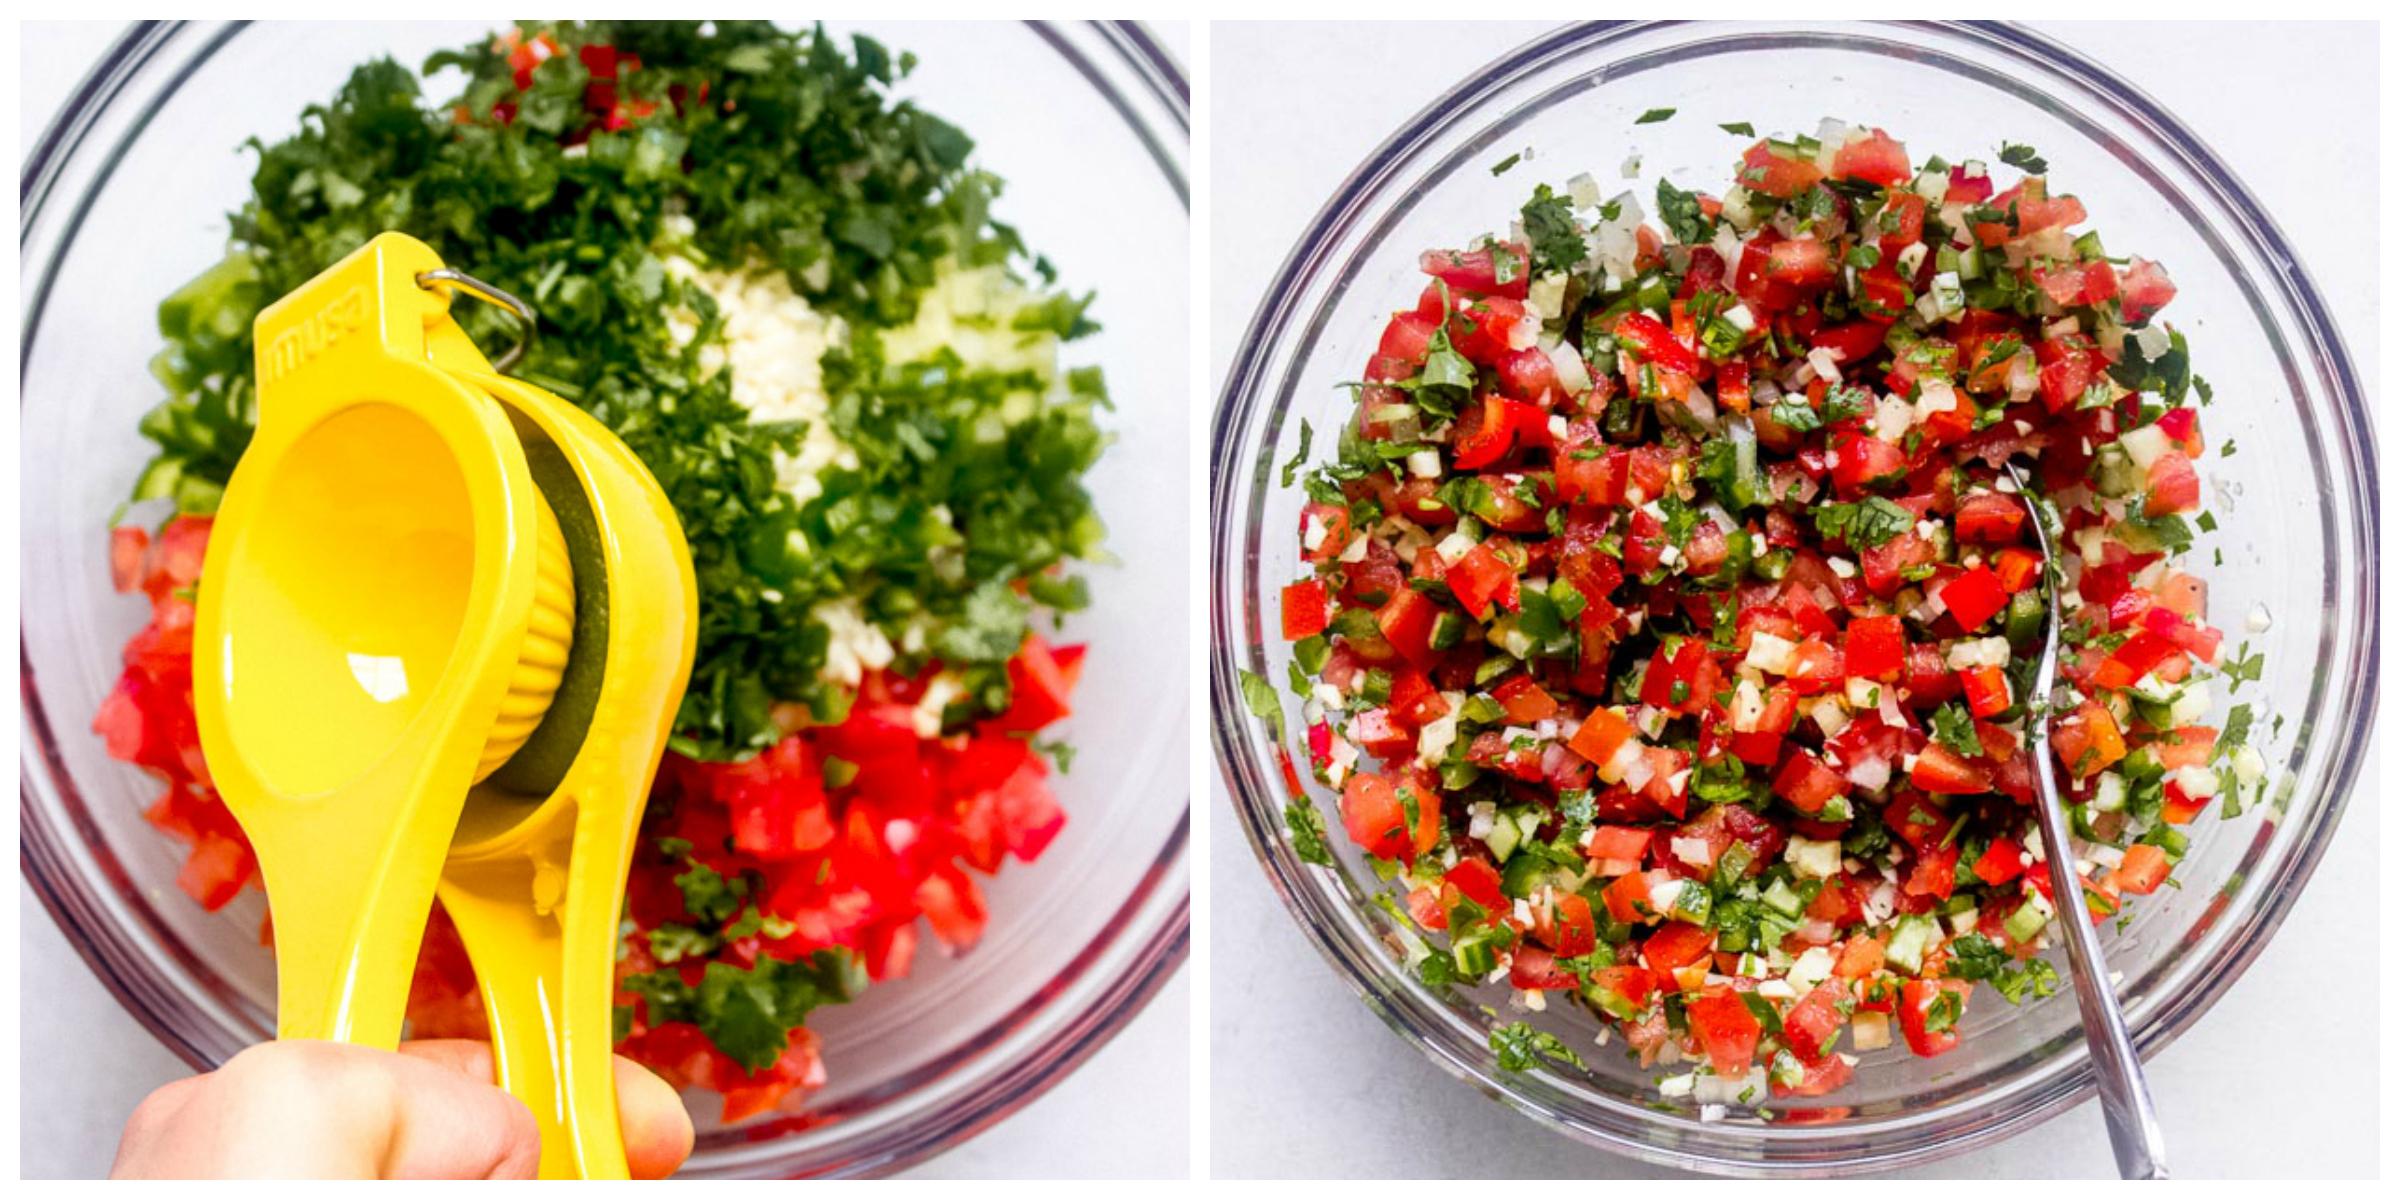 Tomato salsa in glass bowl